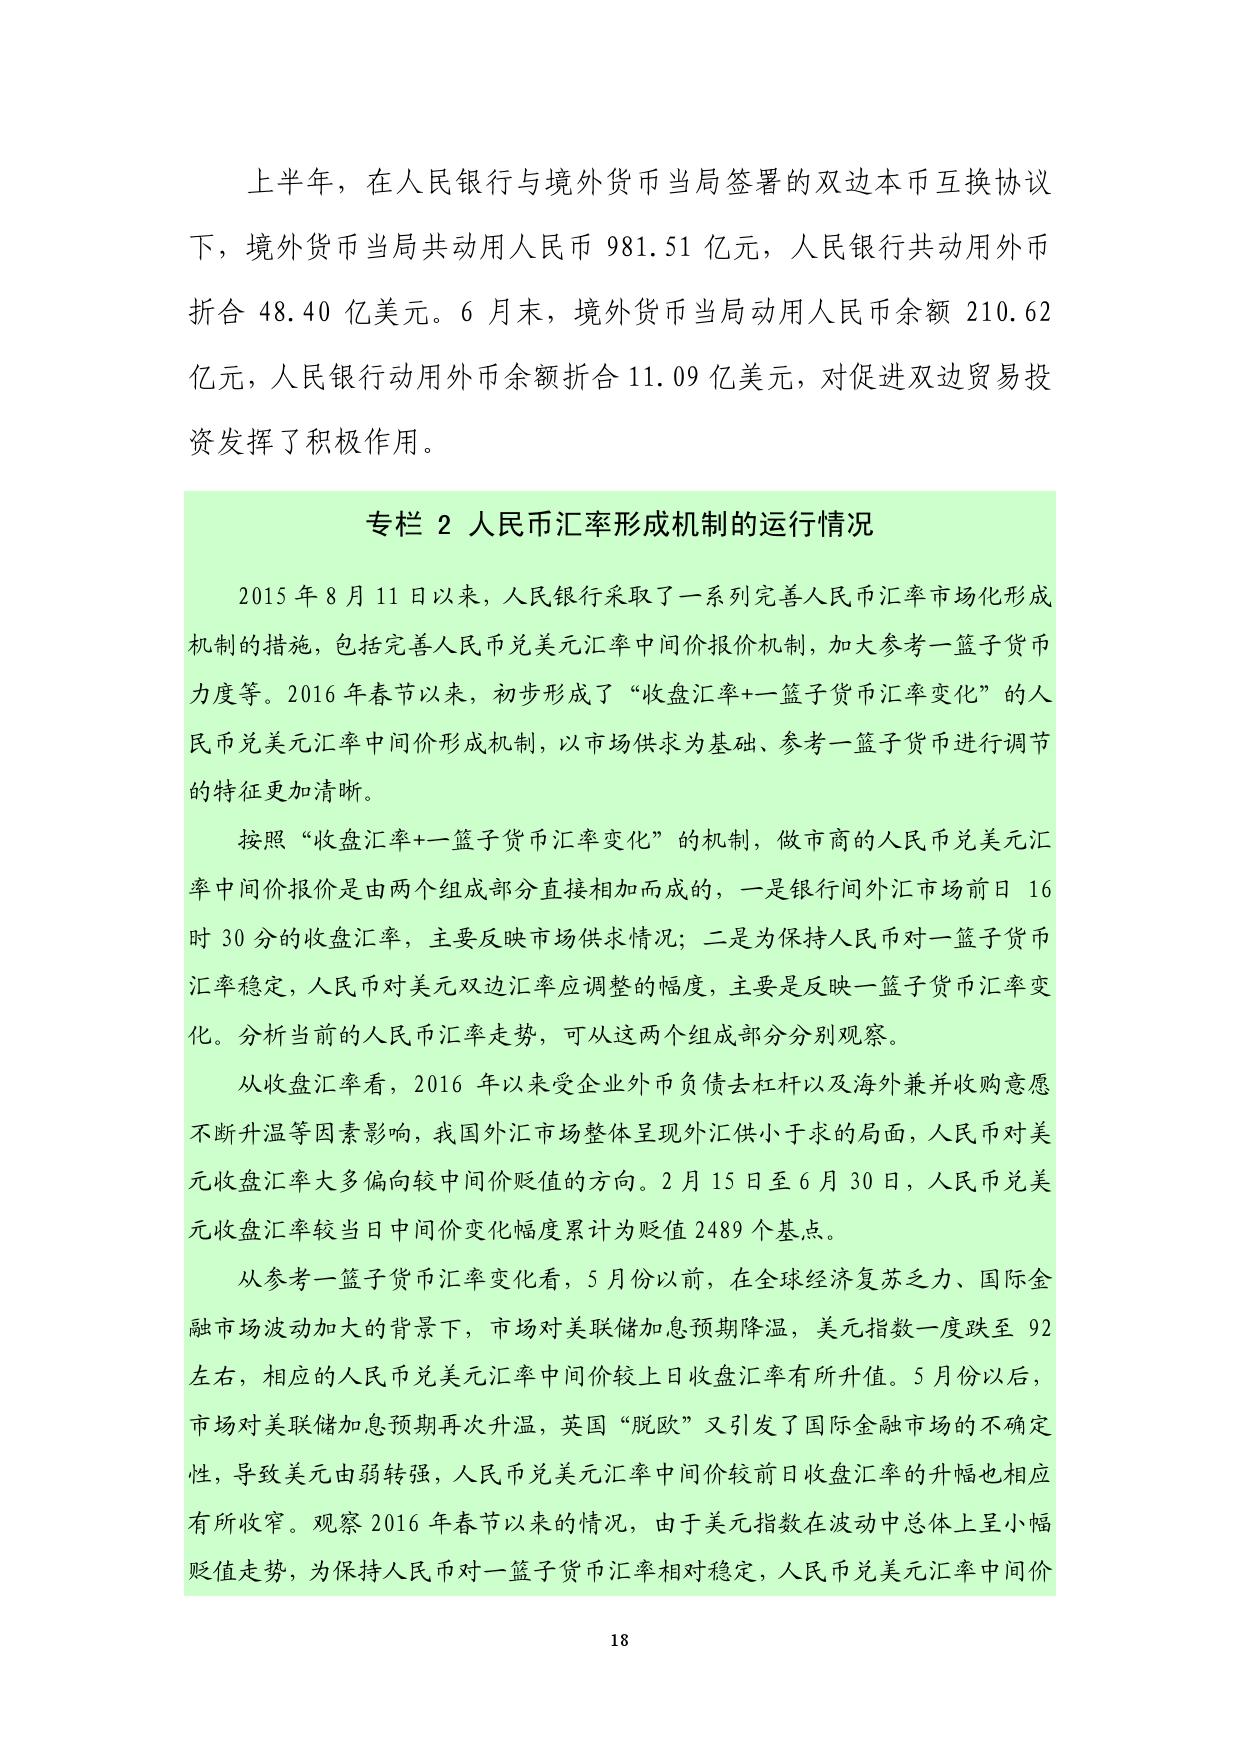 2016年Q2中国货币政策执行报告_000024